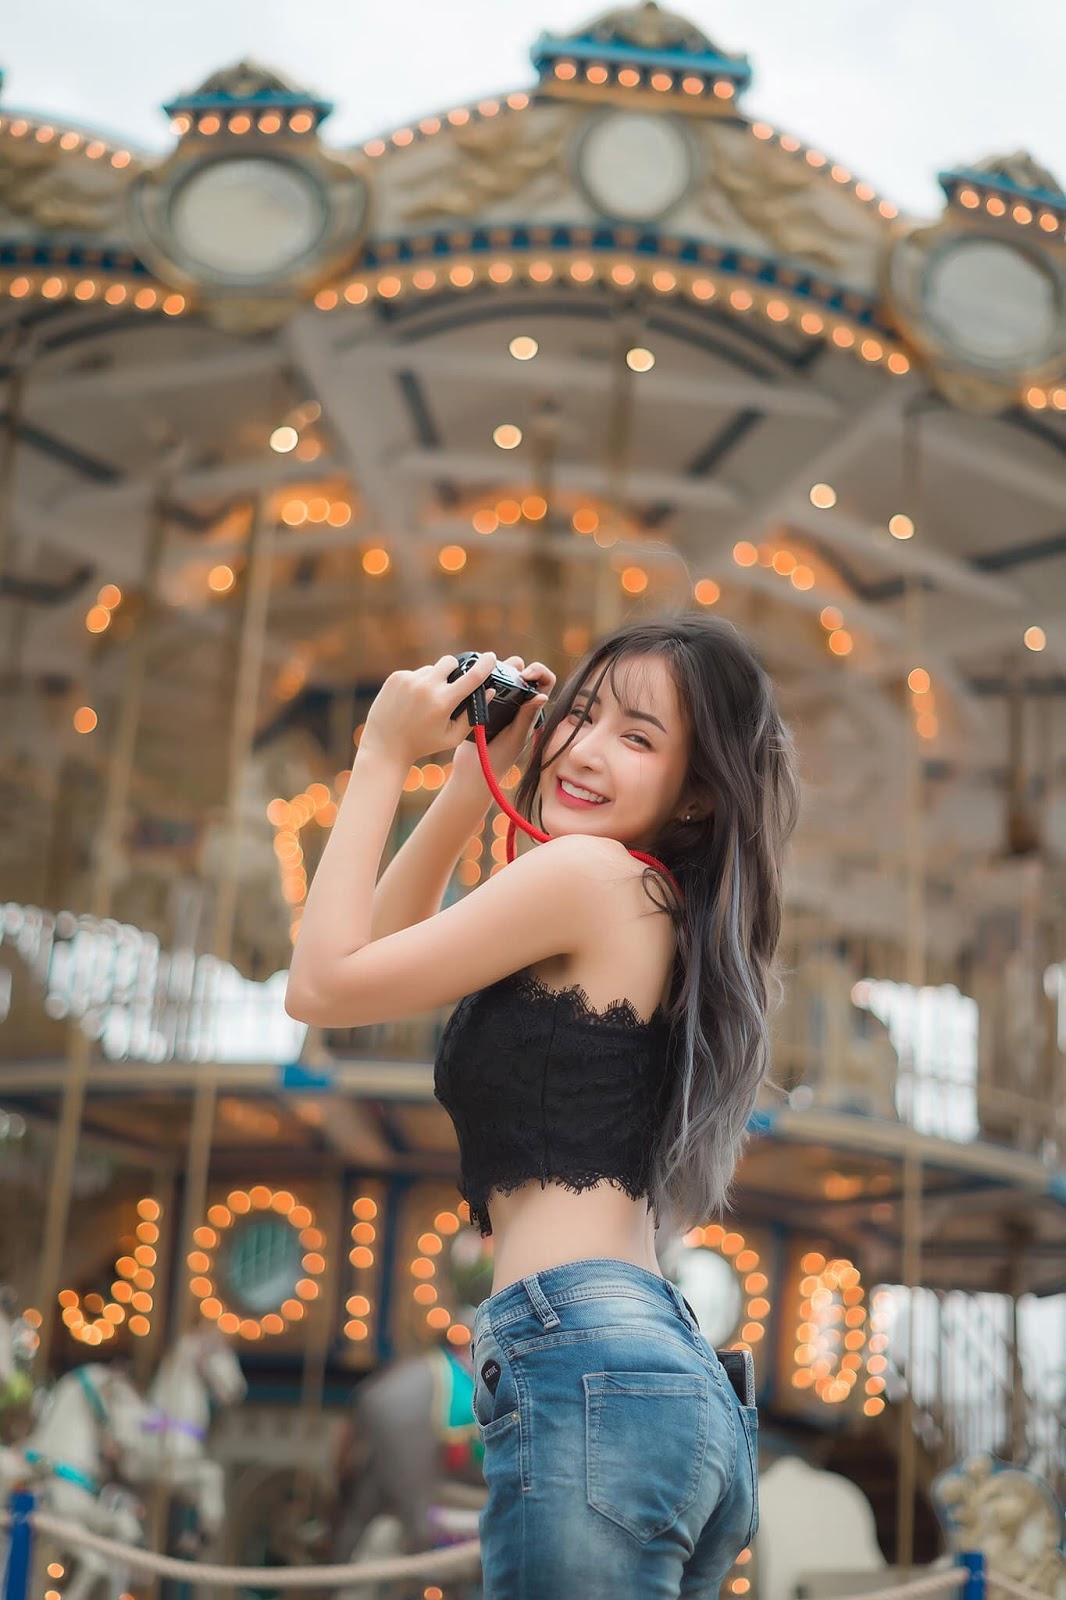 Thailand Hot Girl - Thanyarat Charoenpornkittada - My Memory Childhood Park - TruePic.net - Picture 3